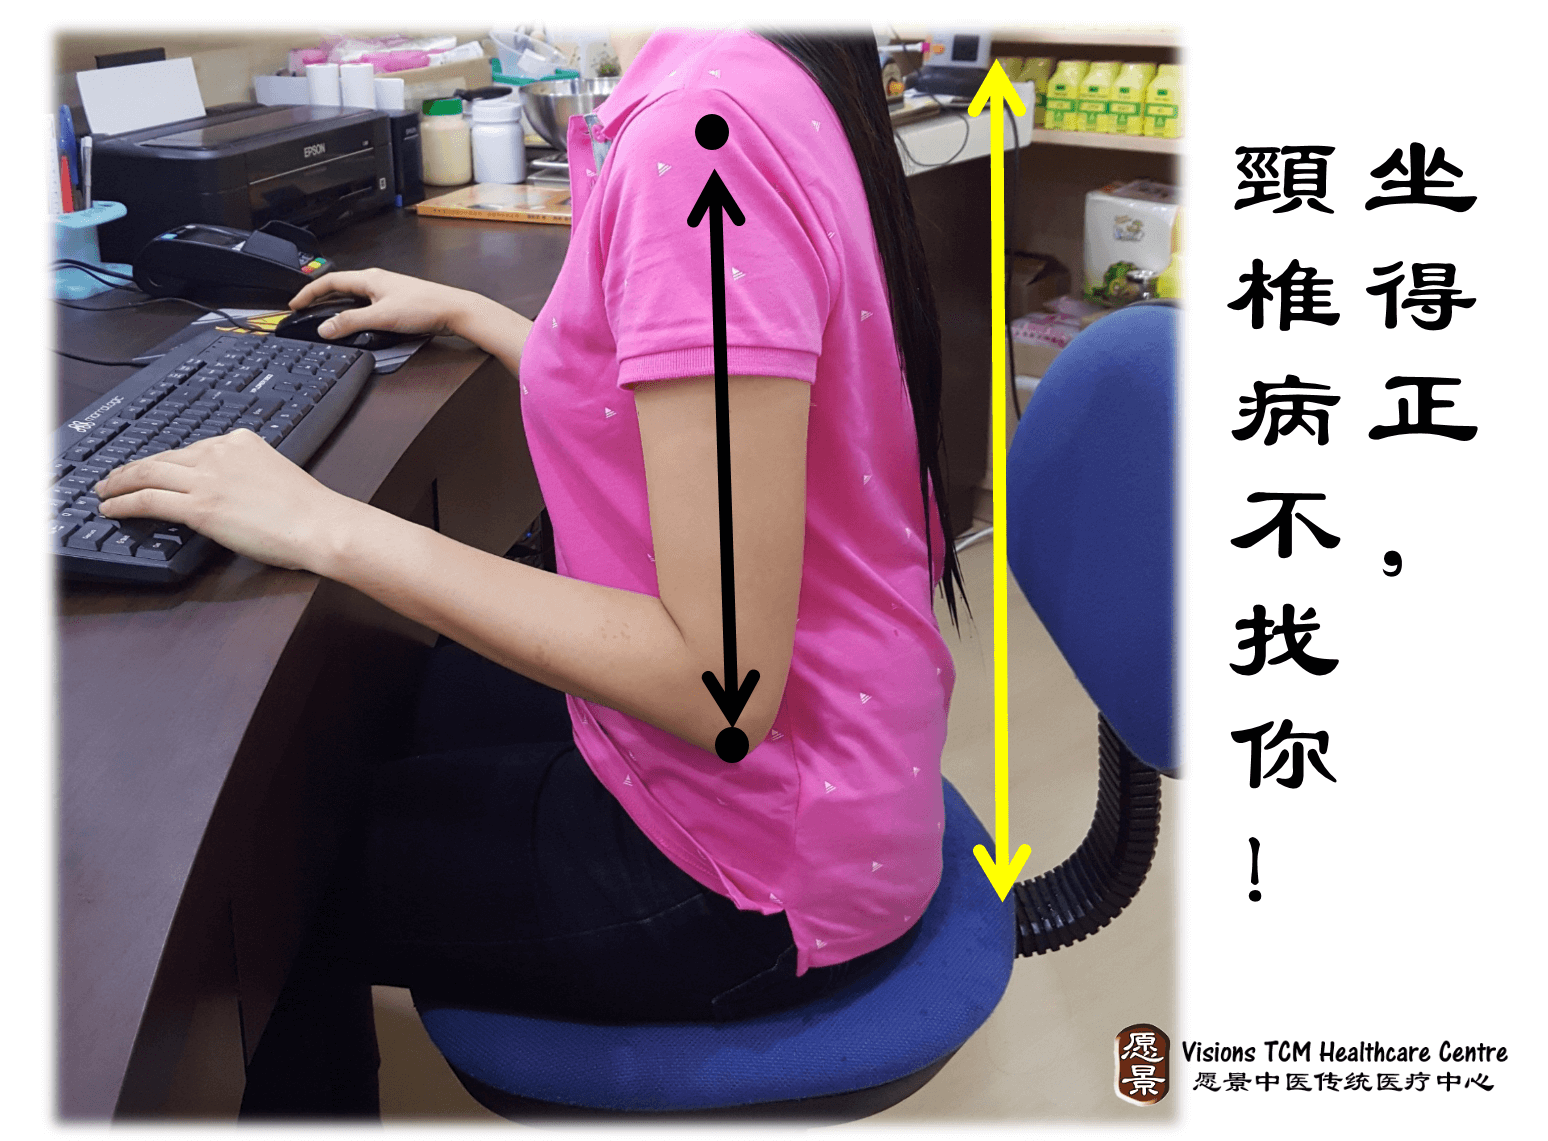 时常感觉颈项不适?小心颈椎病找上门哦。。。